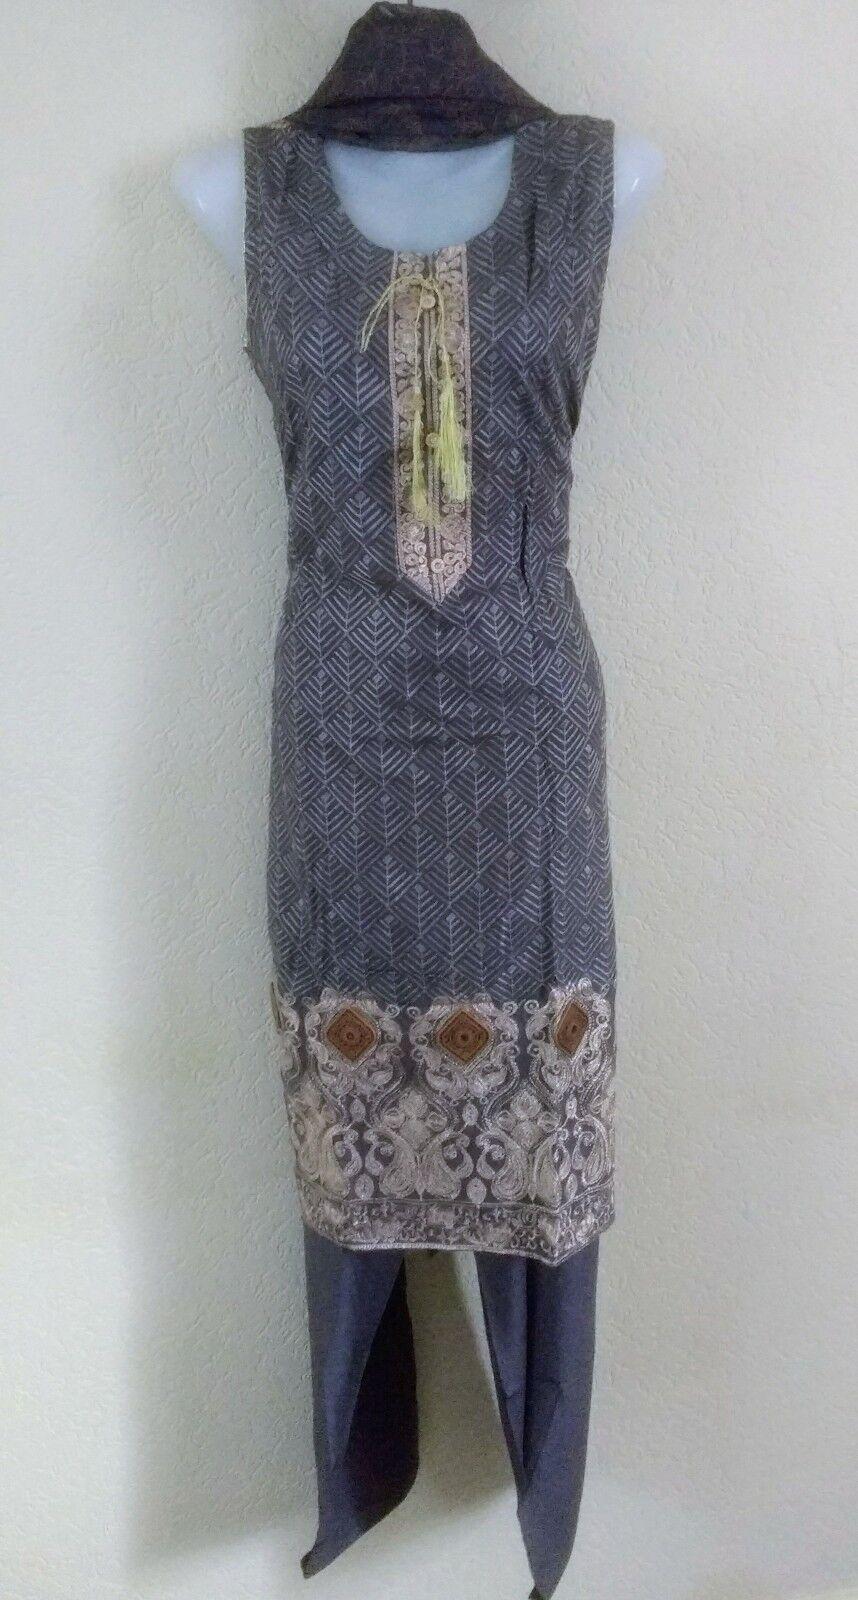 Asian Indian Pakistani Designer Readymade Wedding Salwar Kameez Suit size S